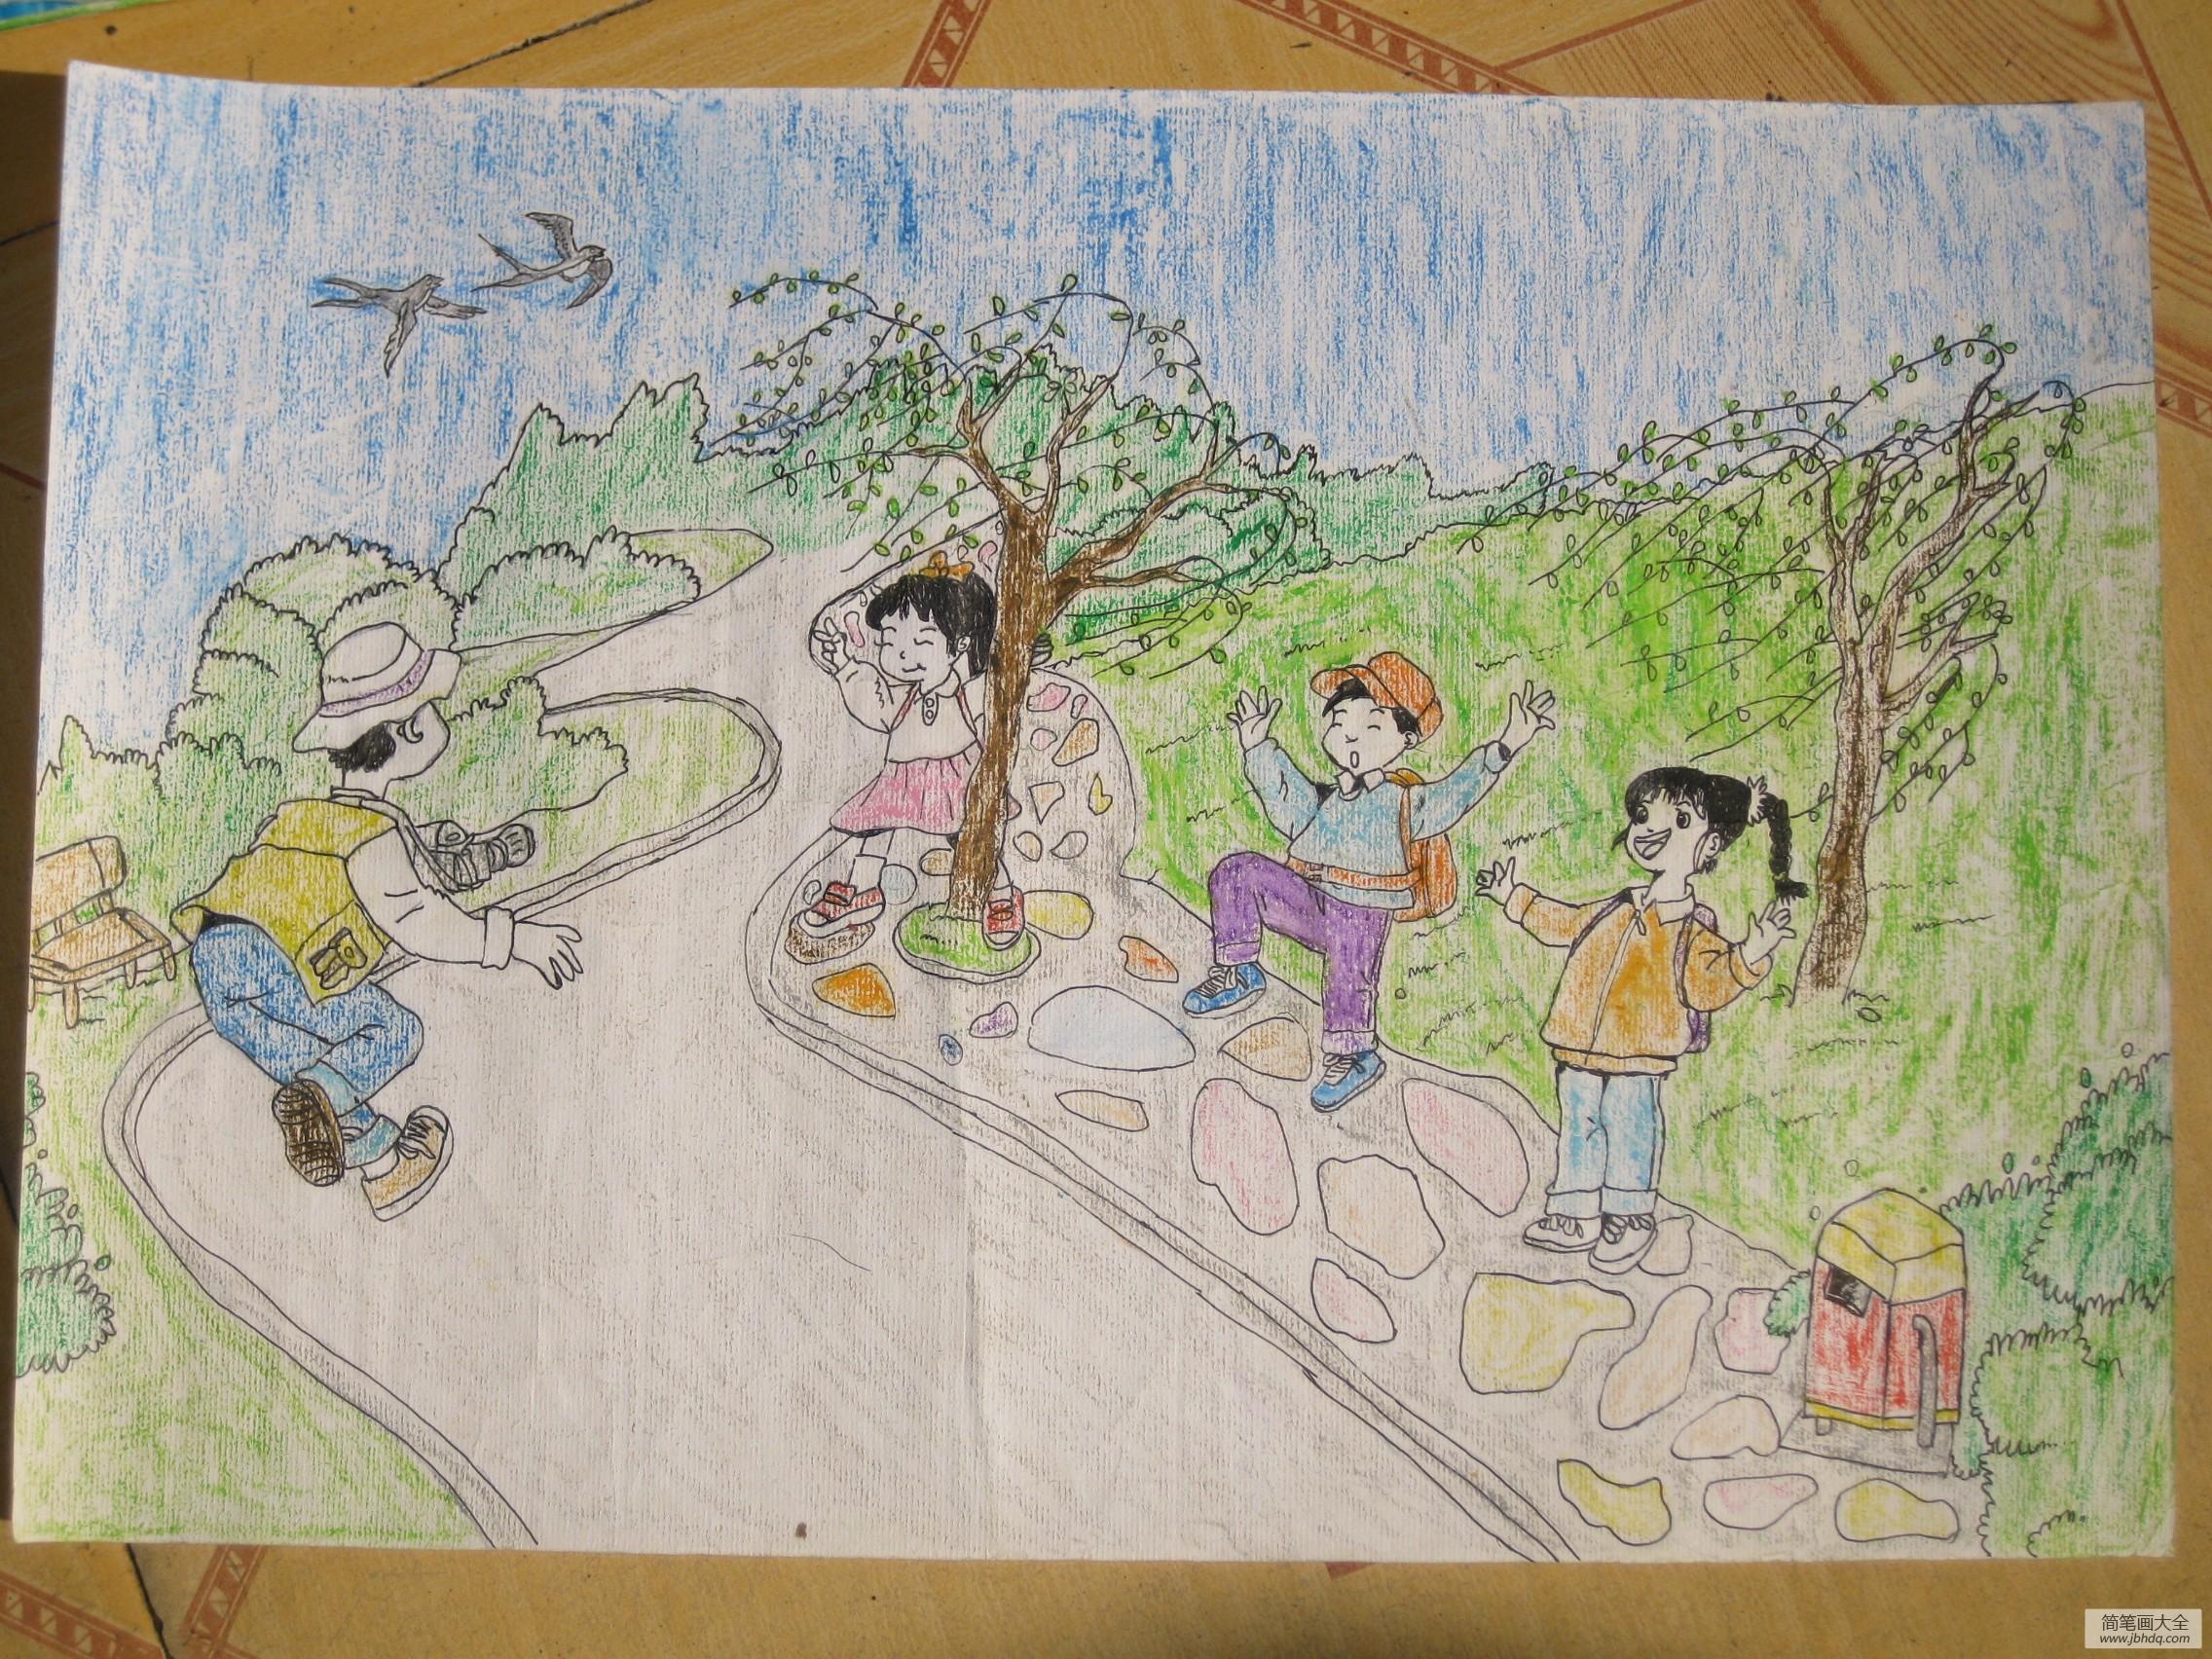 儿童画画学习|儿童画雷锋图像-快乐的生活